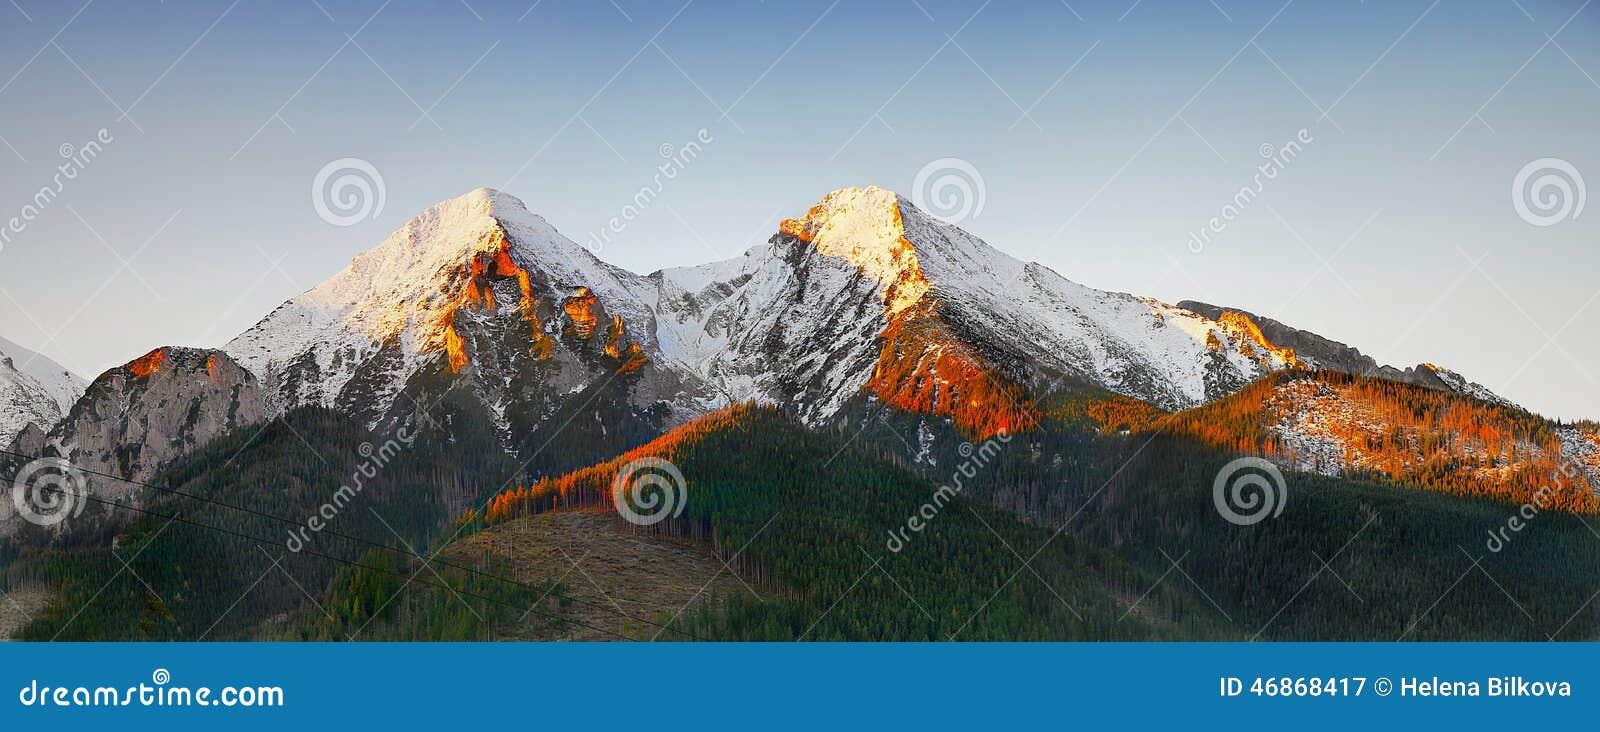 Mountains Scenic Landscape, Sunrise, Autumn Landscape